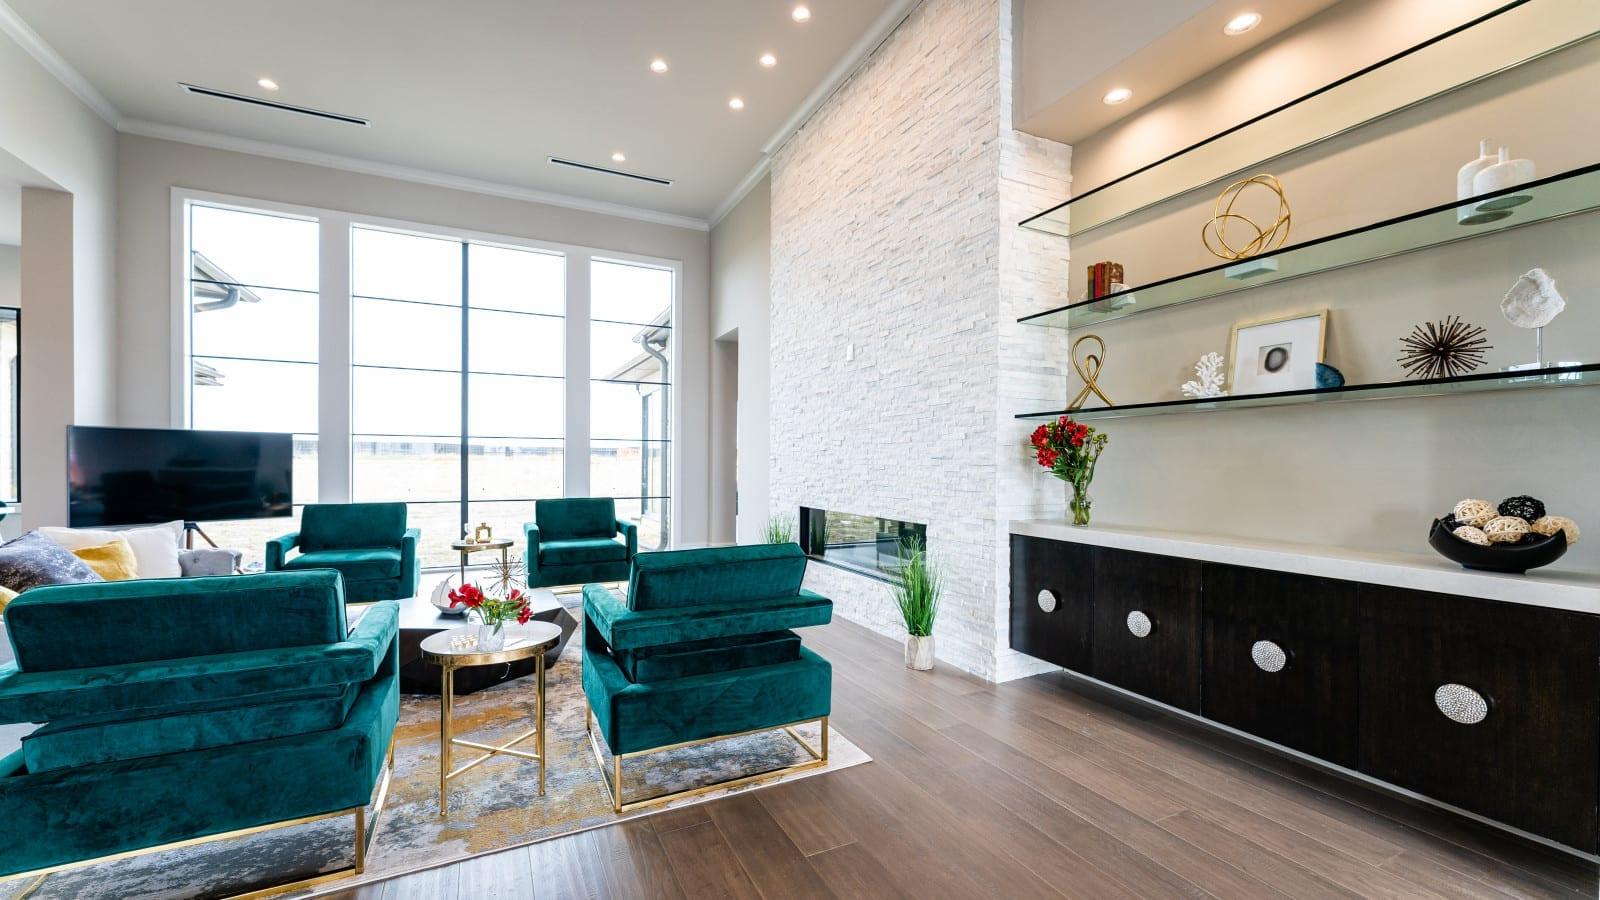 modern home design 39 - Millennial Design + Build